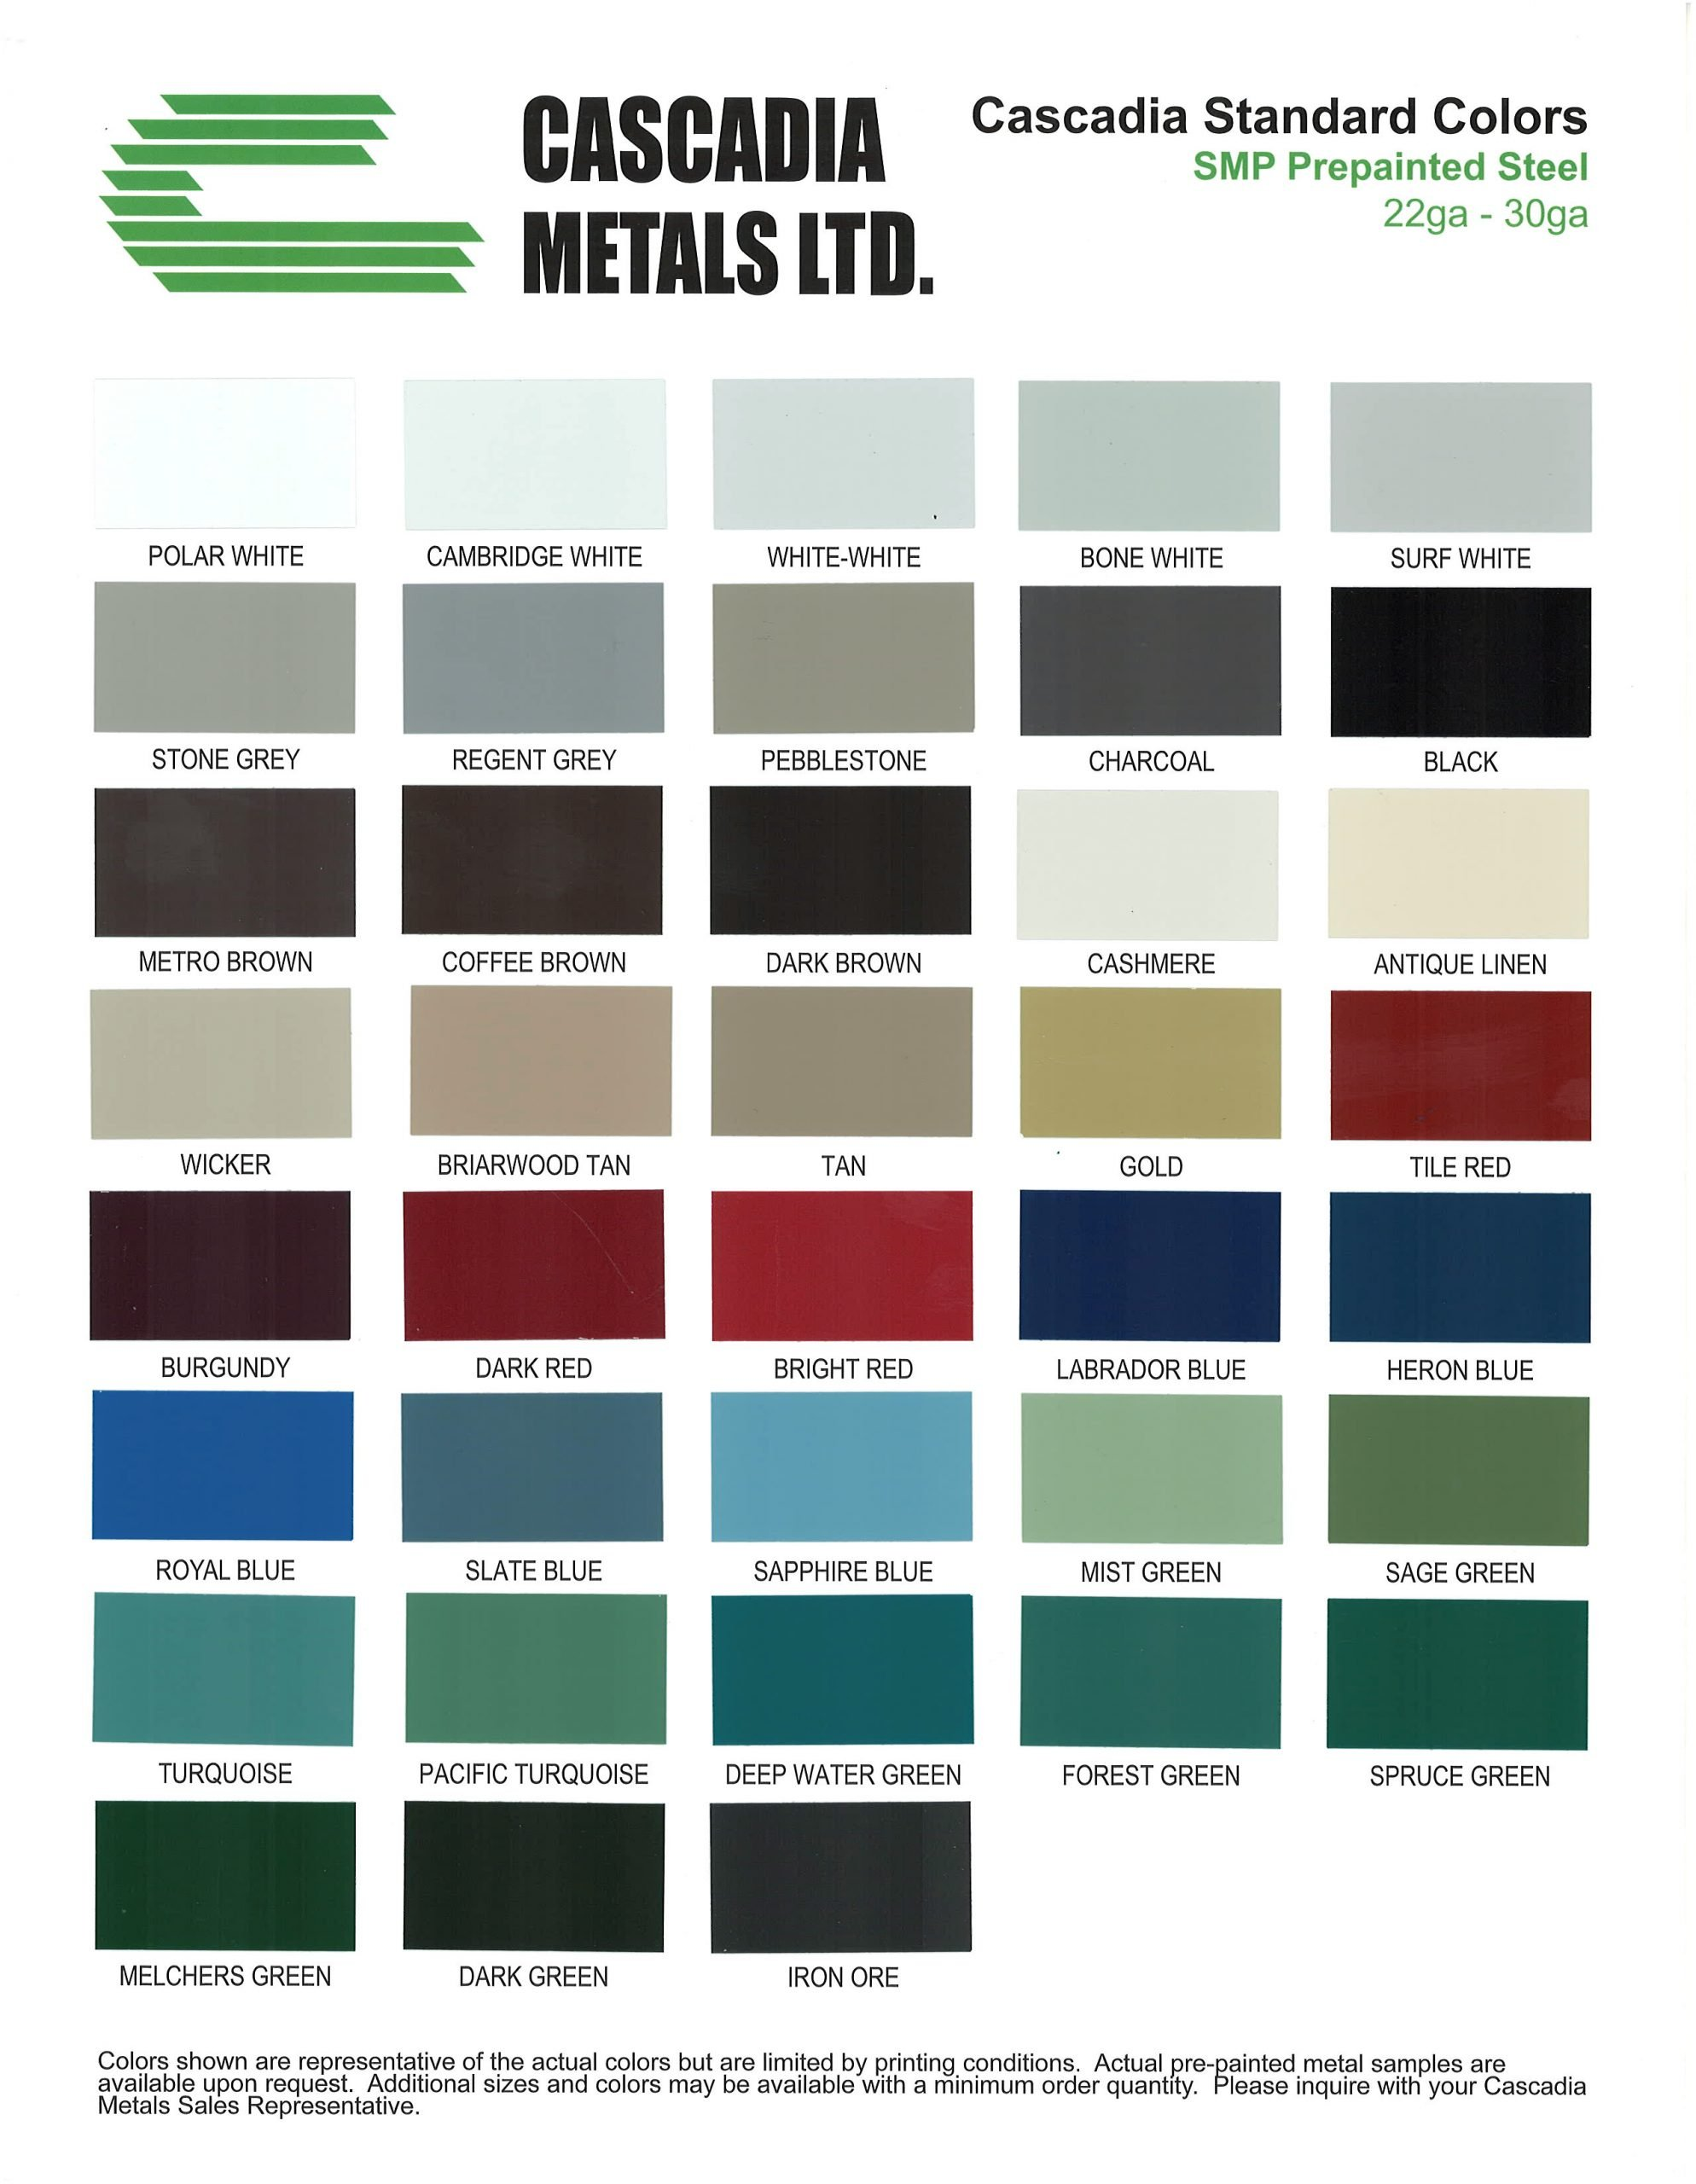 24 Ga 26 Ga Standard SMP Color Chart Cascadia Metals